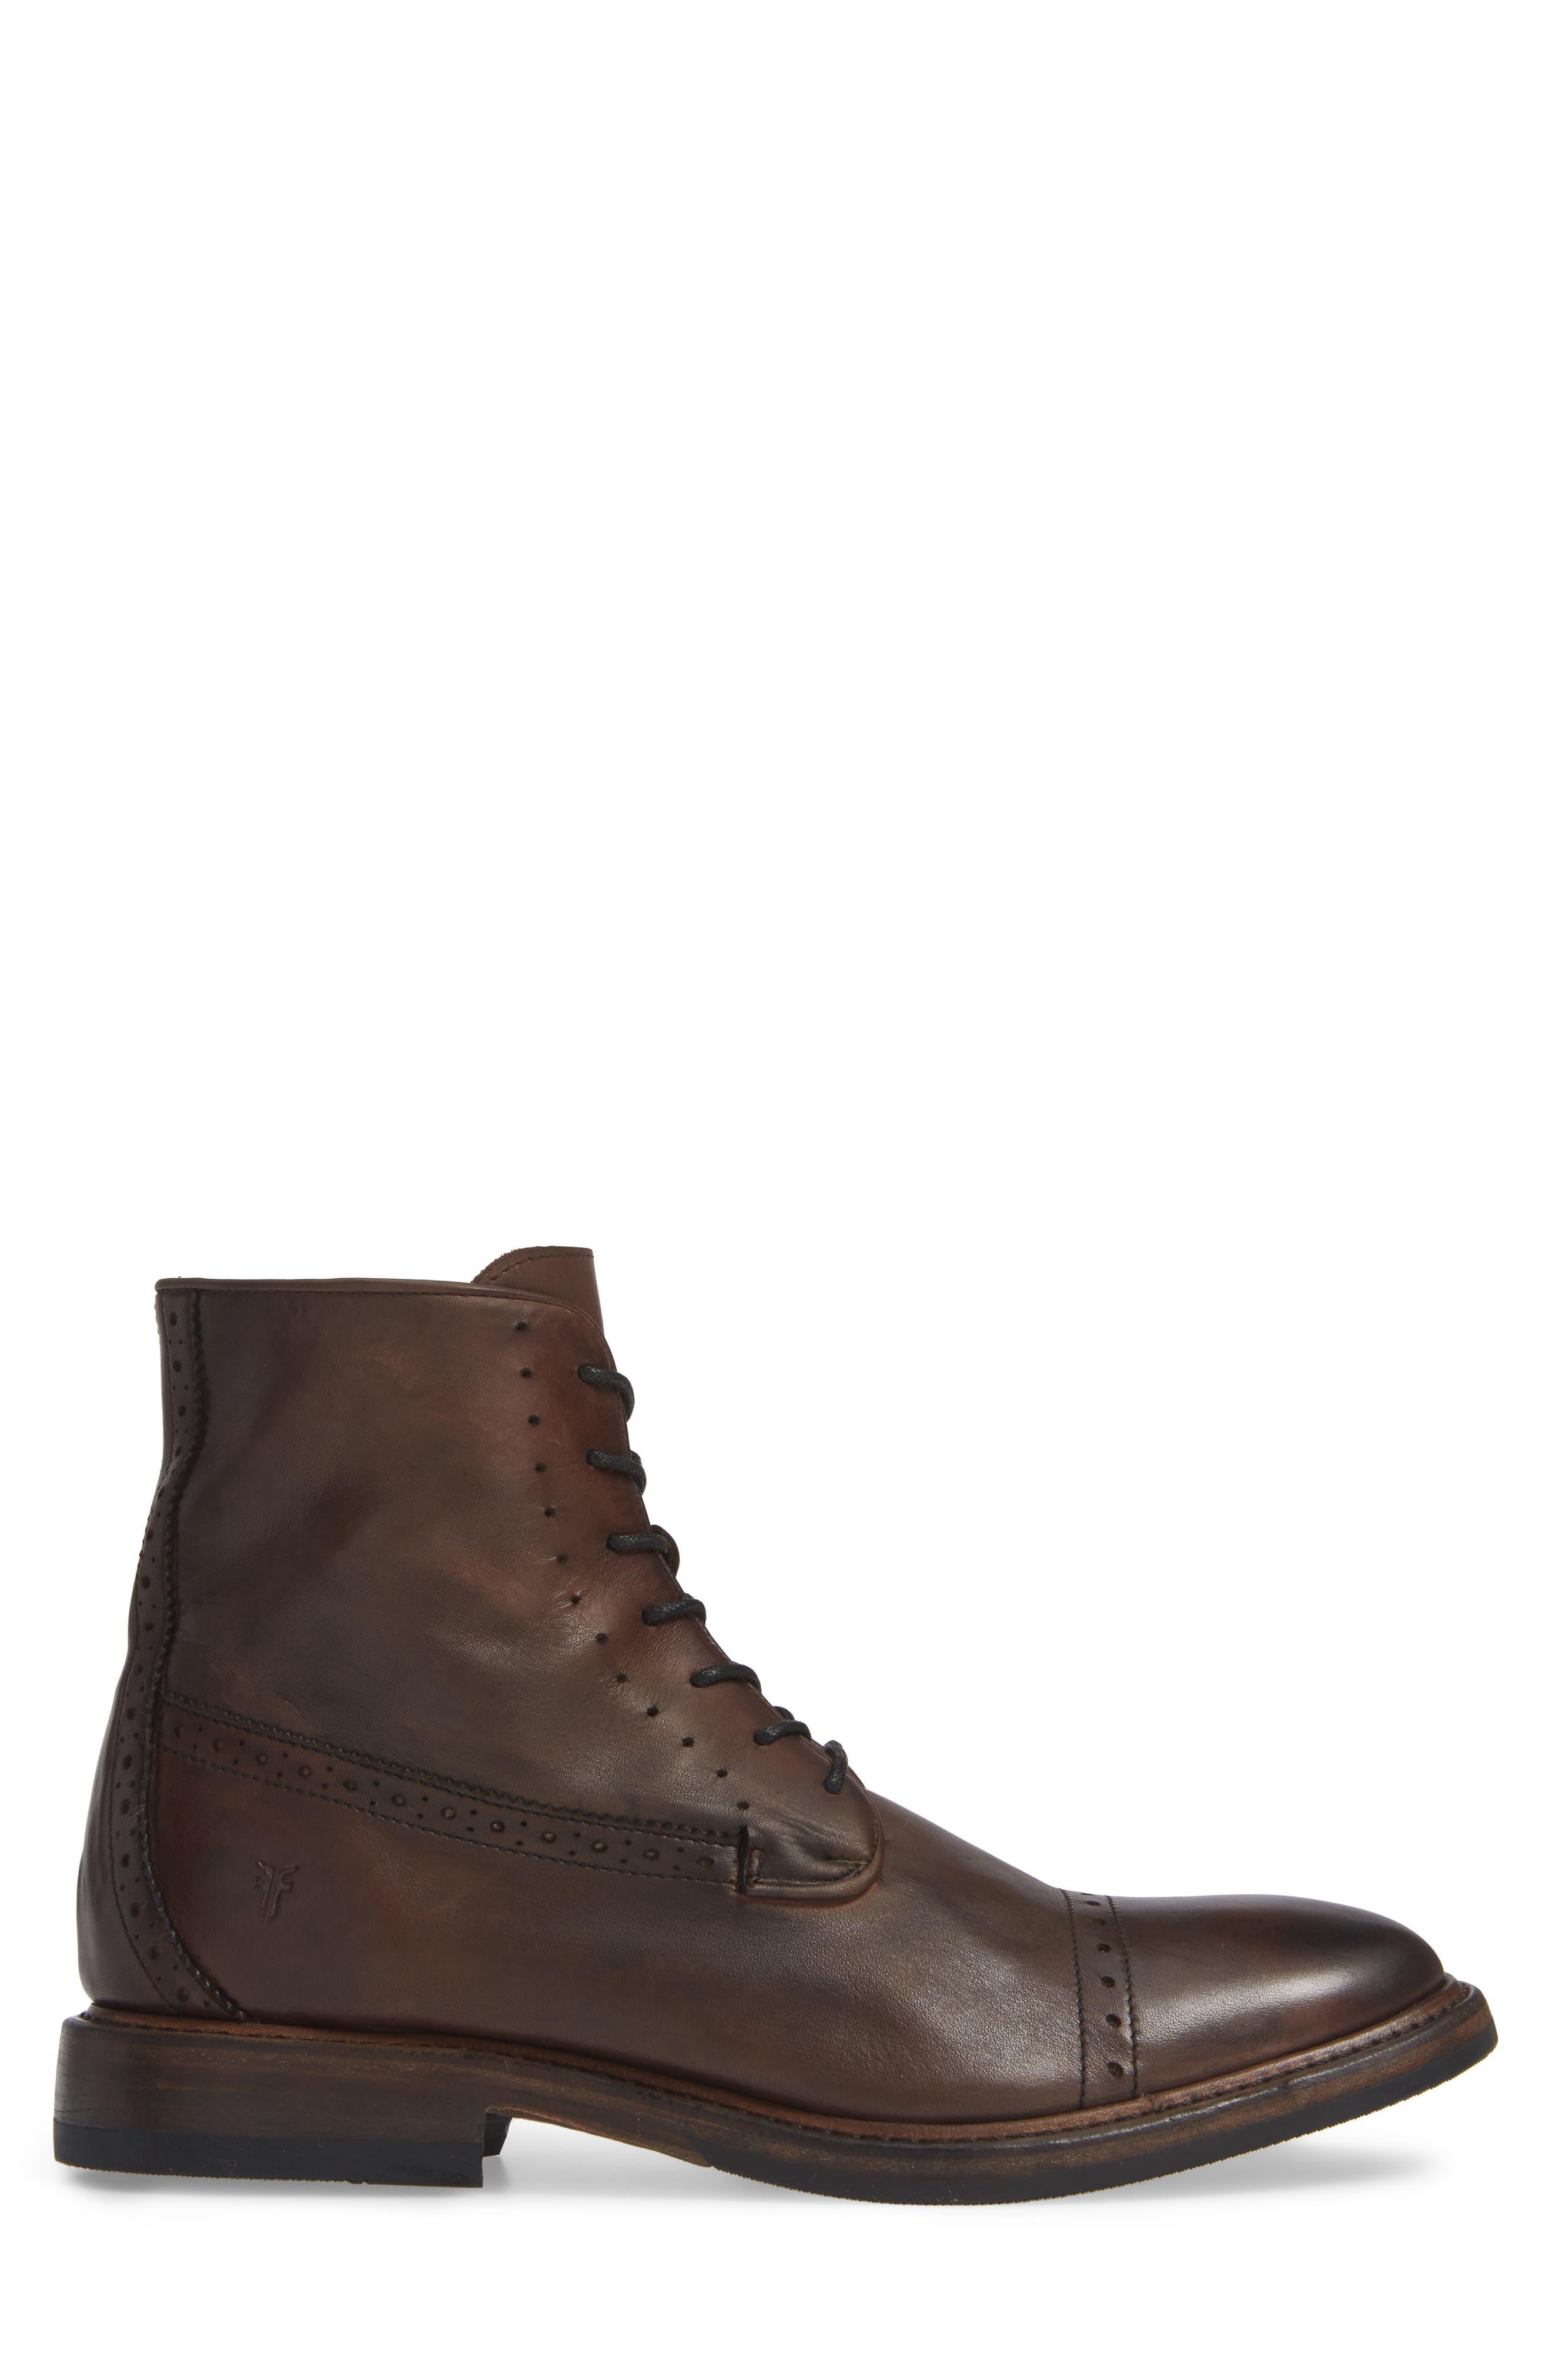 Murray Cap Toe Boot,                             Alternate thumbnail 3, color,                             BROWN